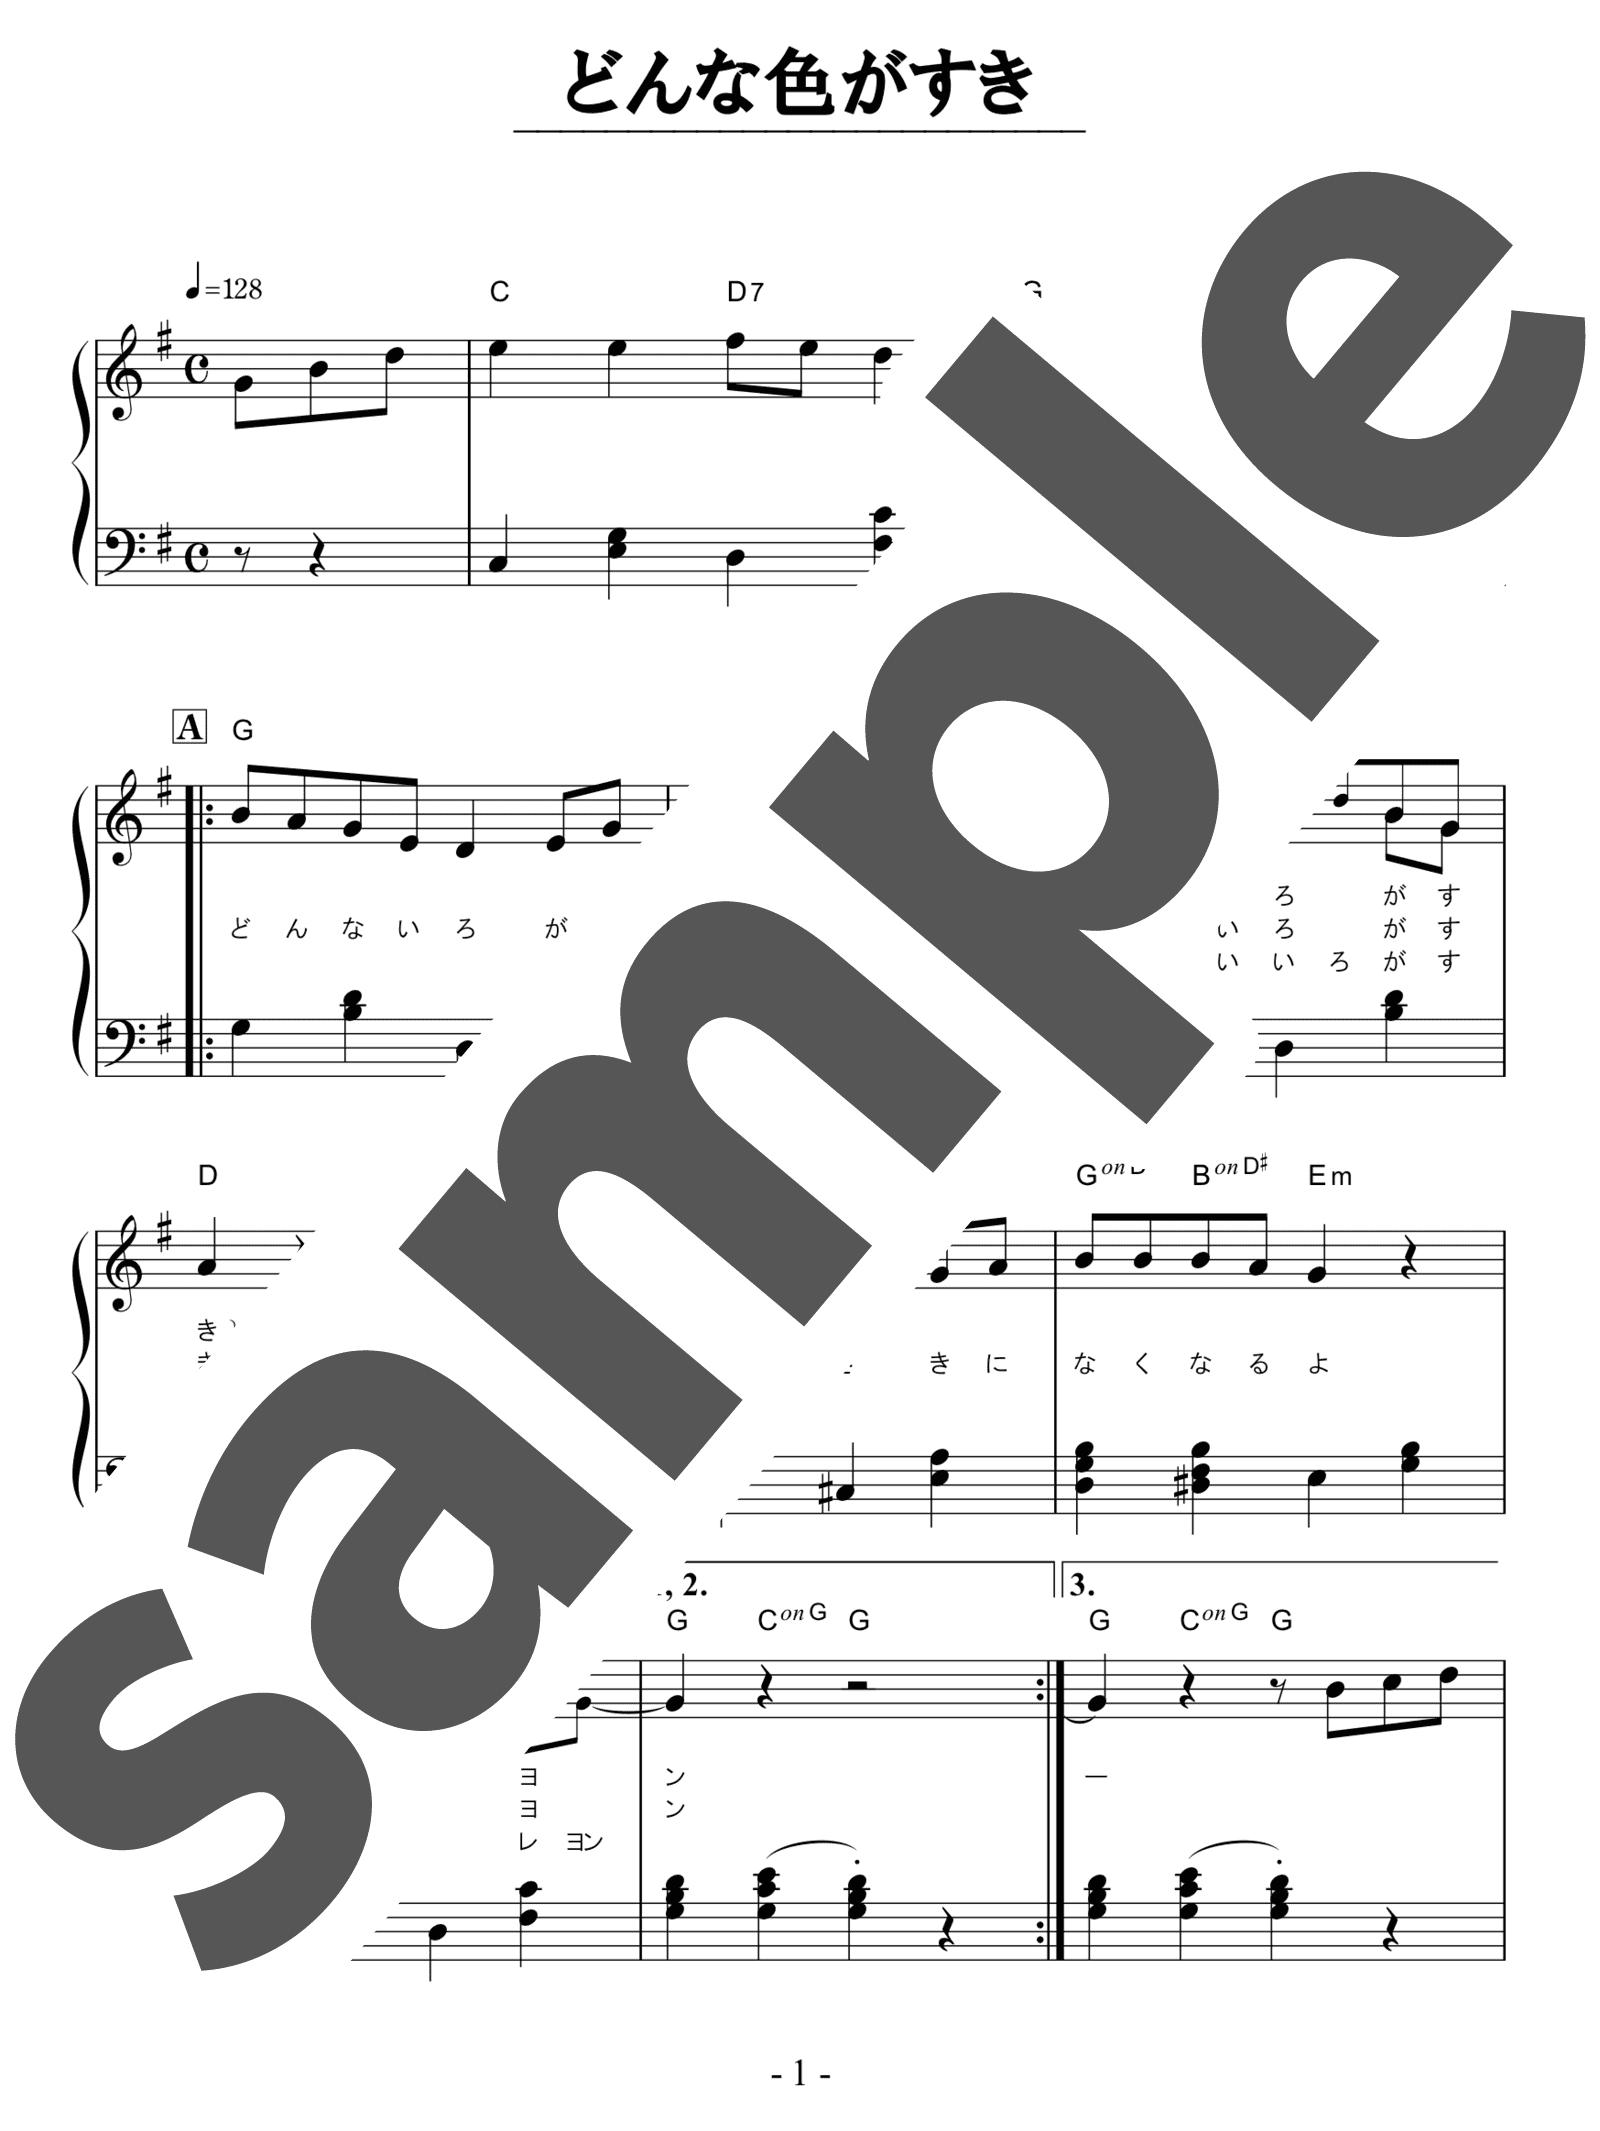 「どんな色がすき」のサンプル楽譜